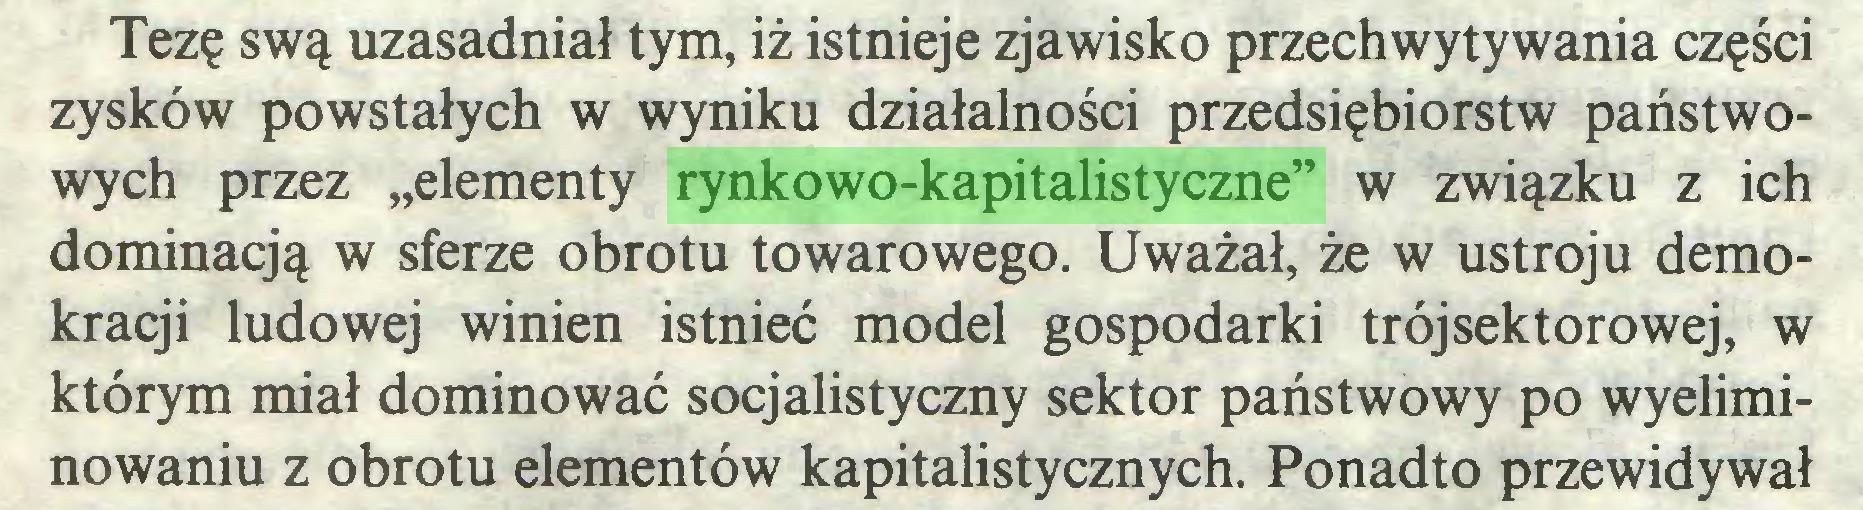 """(...) Tezę swą uzasadniał tym, iż istnieje zjawisko przechwytywania części zysków powstałych w wyniku działalności przedsiębiorstw państwowych przez """"elementy rynkowo-kapitalistyczne"""" w związku z ich dominacją w sferze obrotu towarowego. Uważał, że w ustroju demokracji ludowej winien istnieć model gospodarki trójsektorowej, w którym miał dominować socjalistyczny sektor państwowy po wyeliminowaniu z obrotu elementów kapitalistycznych. Ponadto przewidywał..."""